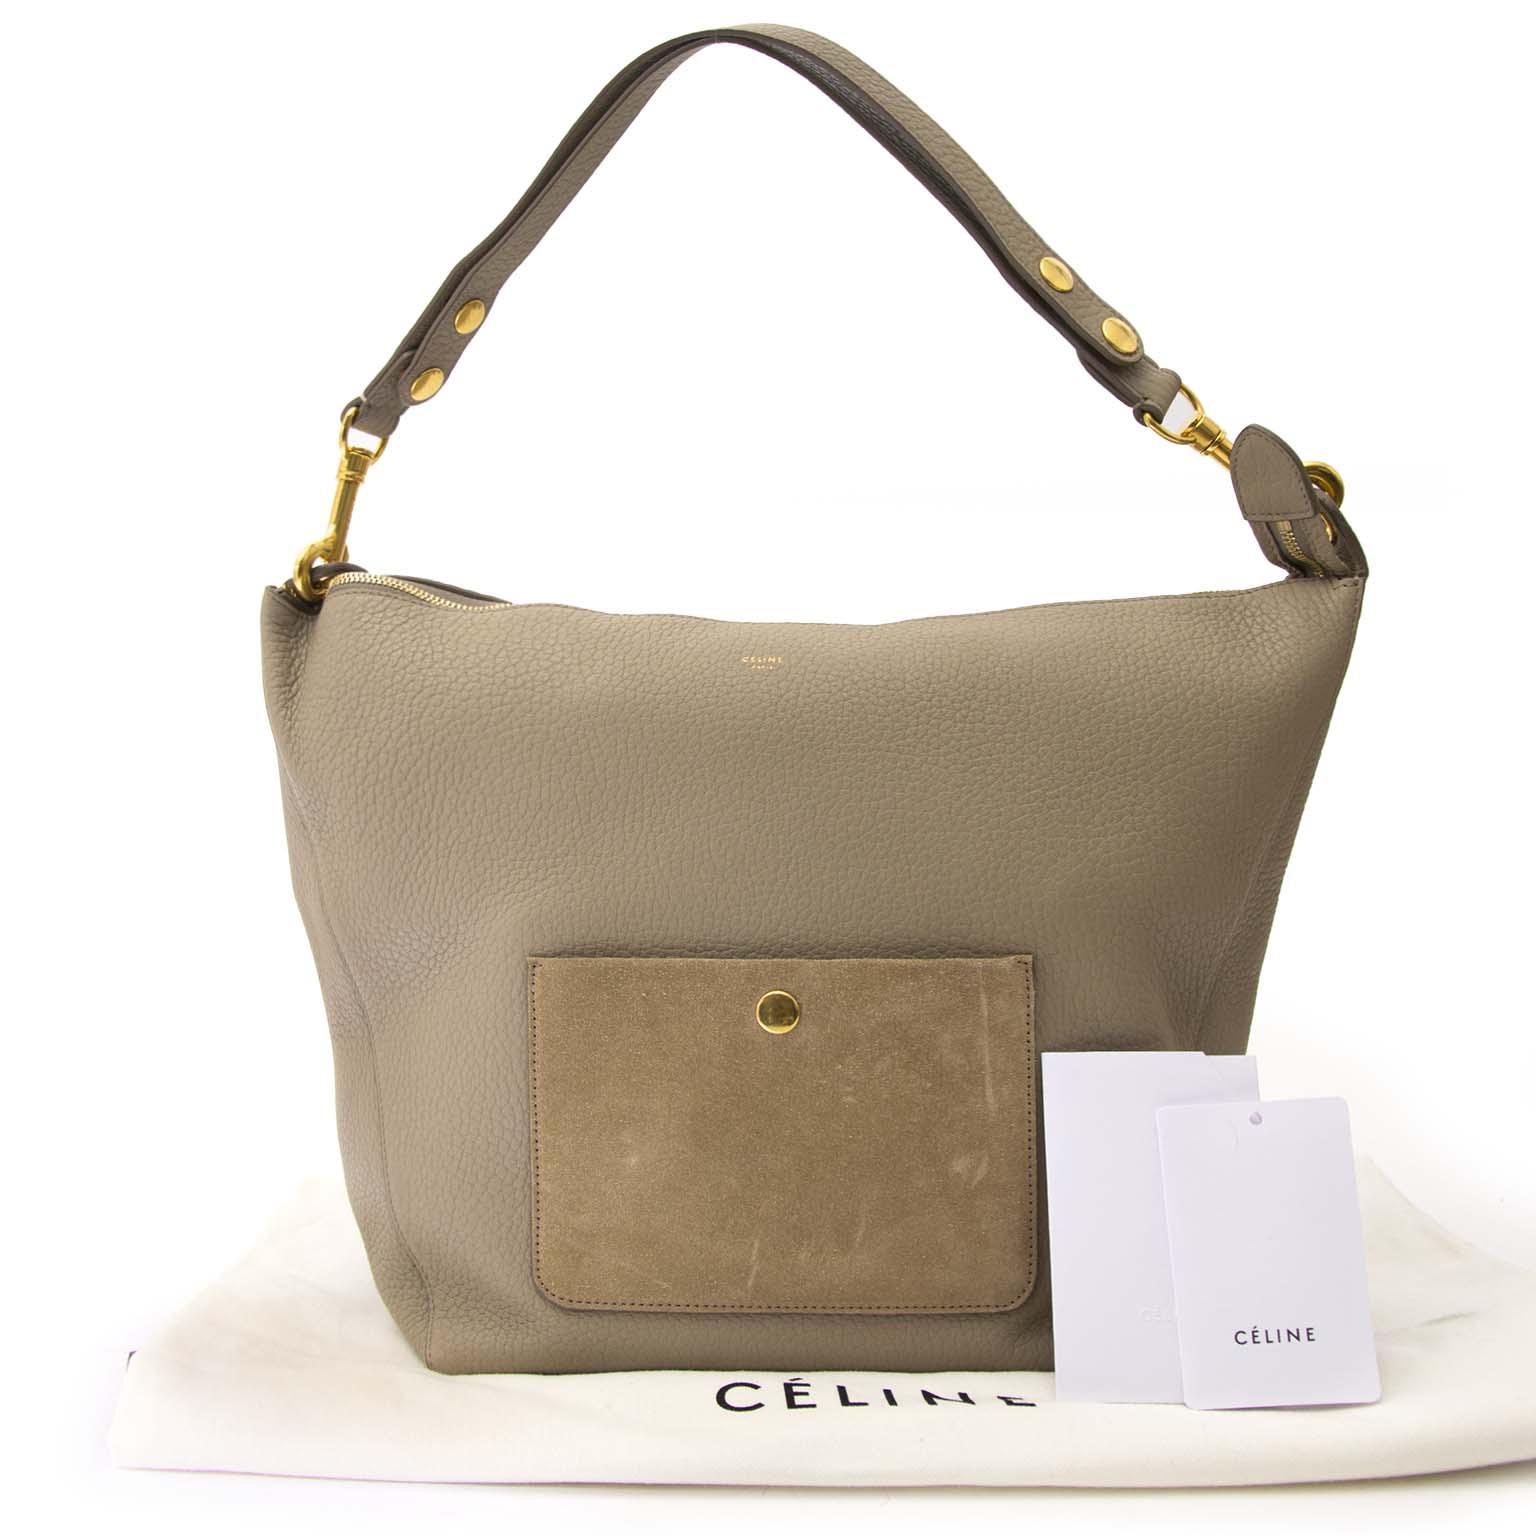 koop online tegen de beste prijs Chloe Taupe Medium Zipped Hobo